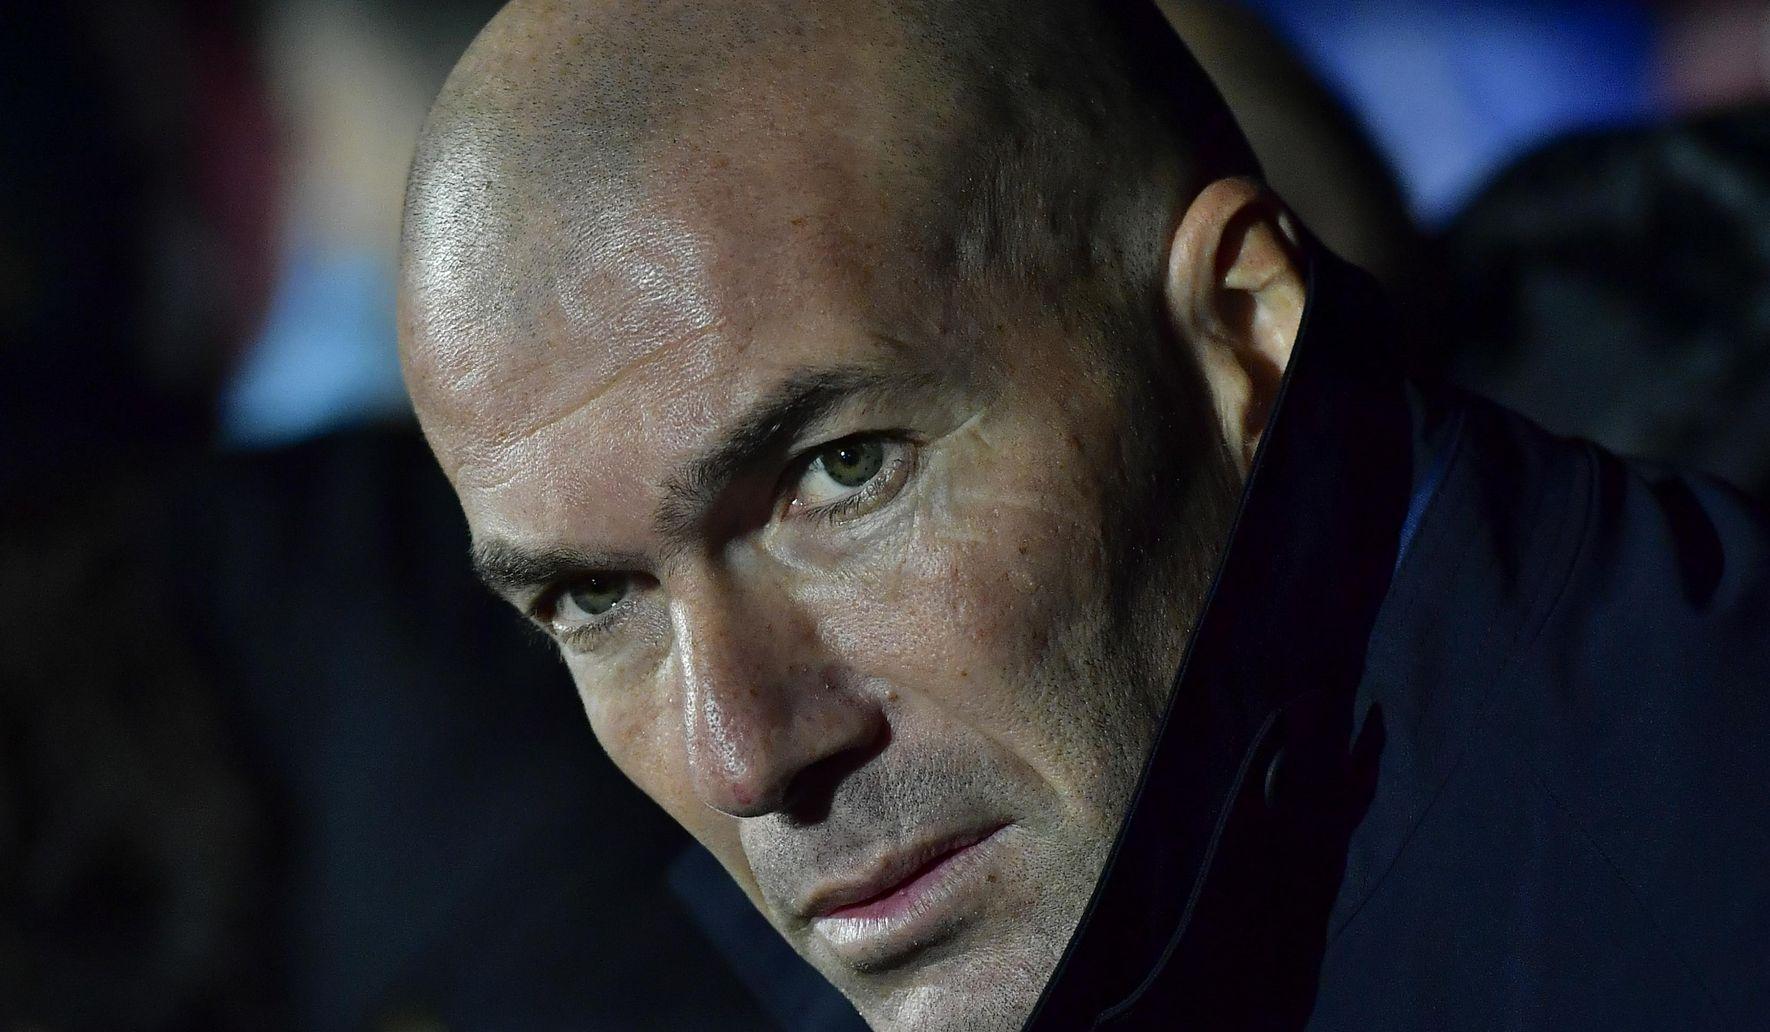 Spain_soccer_la_liga_24586_c0-192-3332-2134_s1770x1032